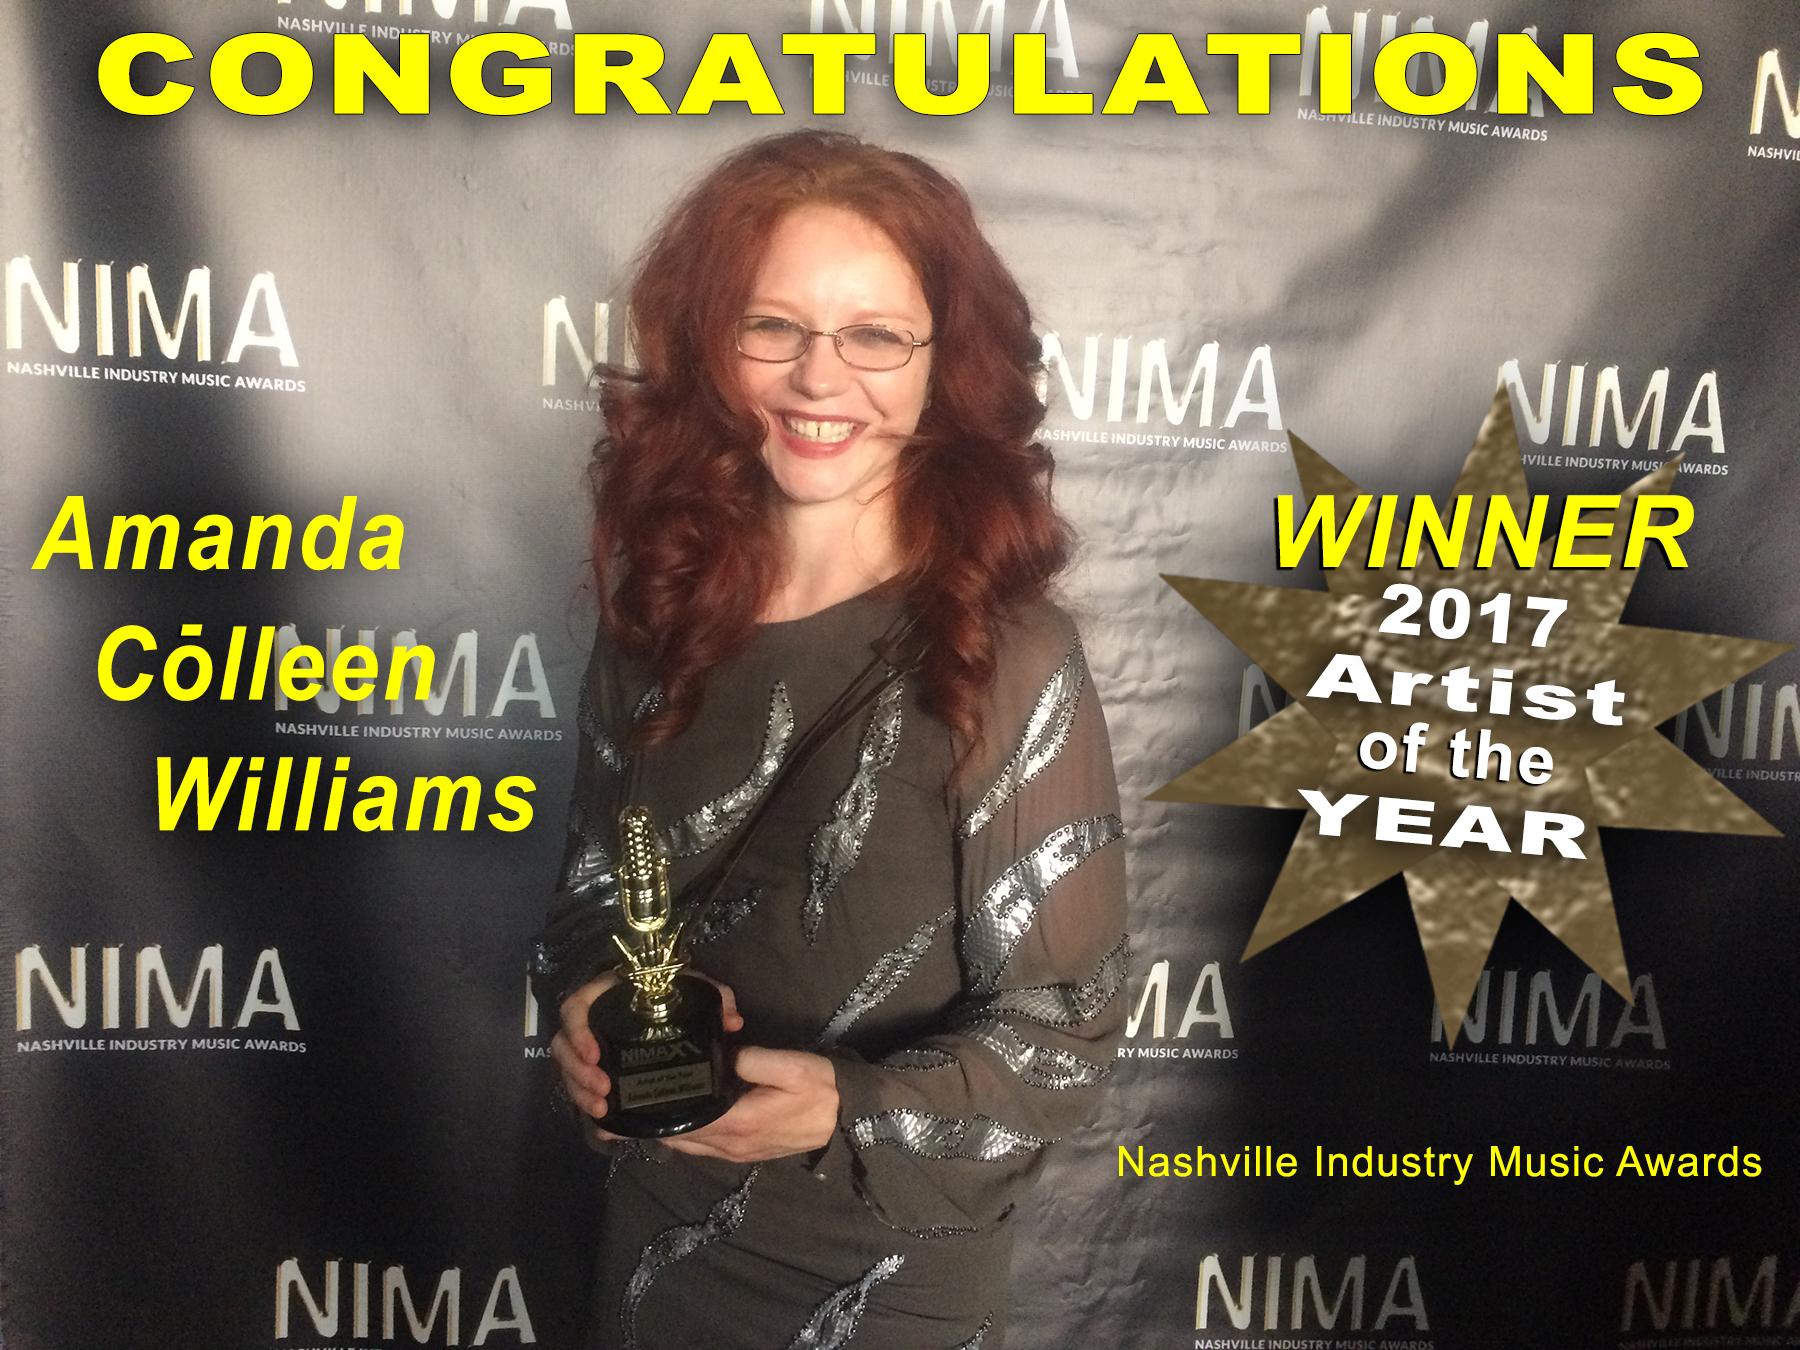 Congratulations Amanda!